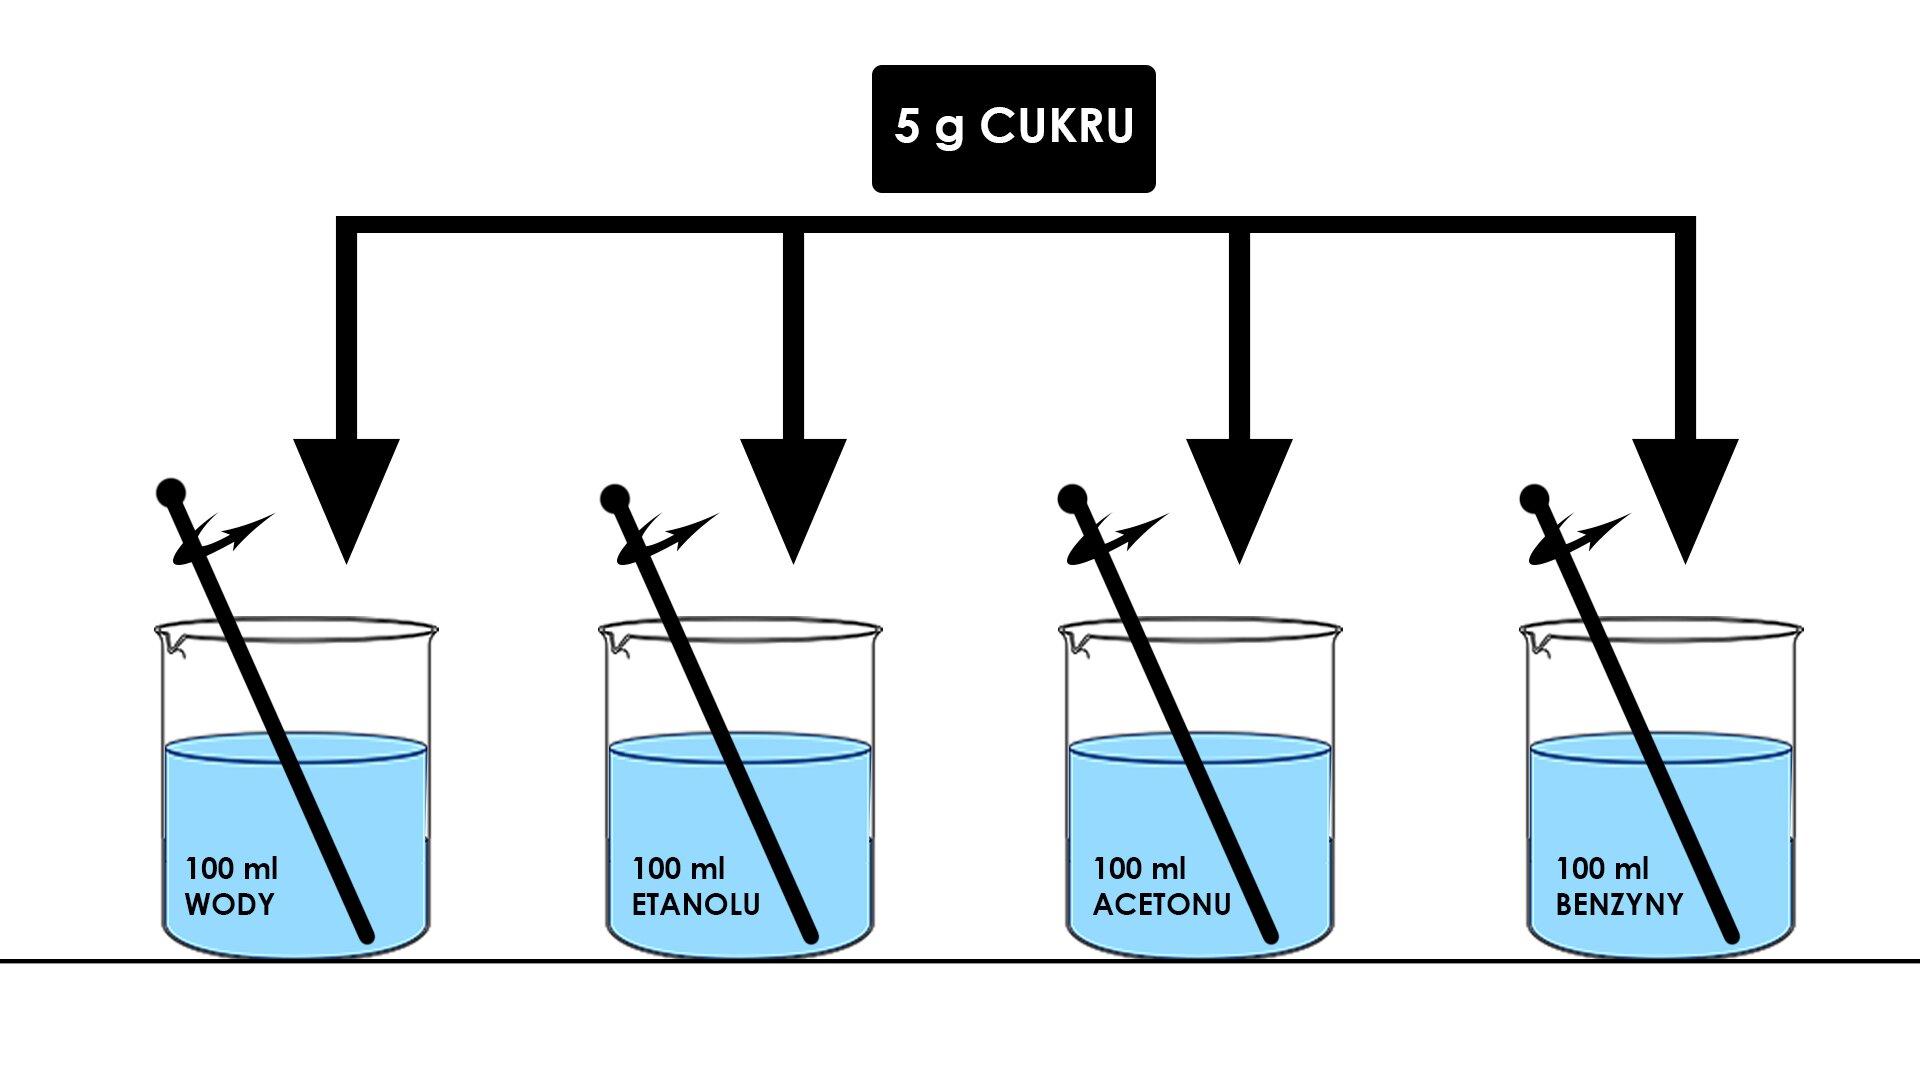 """Ilustracja przedstawia schemat doświadczenia ilustrującego rozpuszczalność cukru wróżnych rozpuszczalnikach. Na rysunku widzimy cztery zlewki wypełnione wok. 2/3 cieczą. Wewnątrz każdej znich znajduje opis zawartości. Od lewej: """"100ml WODY"""", """"100ml ETANOLU"""", """"100ml ACETONU"""", """"100ml BENZYNY"""". Nad każdą ze zlewek znajduje się skierowana pionowo wdół czarna strzałka. Nad strzałkami umieszczono napis: """"5g CUKRU"""". Pokazuje to, że do każdej ze zlewek dodano 5g cukru. Wewnątrz każdej ze zlewek umieszczono bagietkę. Na końcu każdej bagietki znajduje się zakrzywiona strzałka symbolizująca mieszanie."""